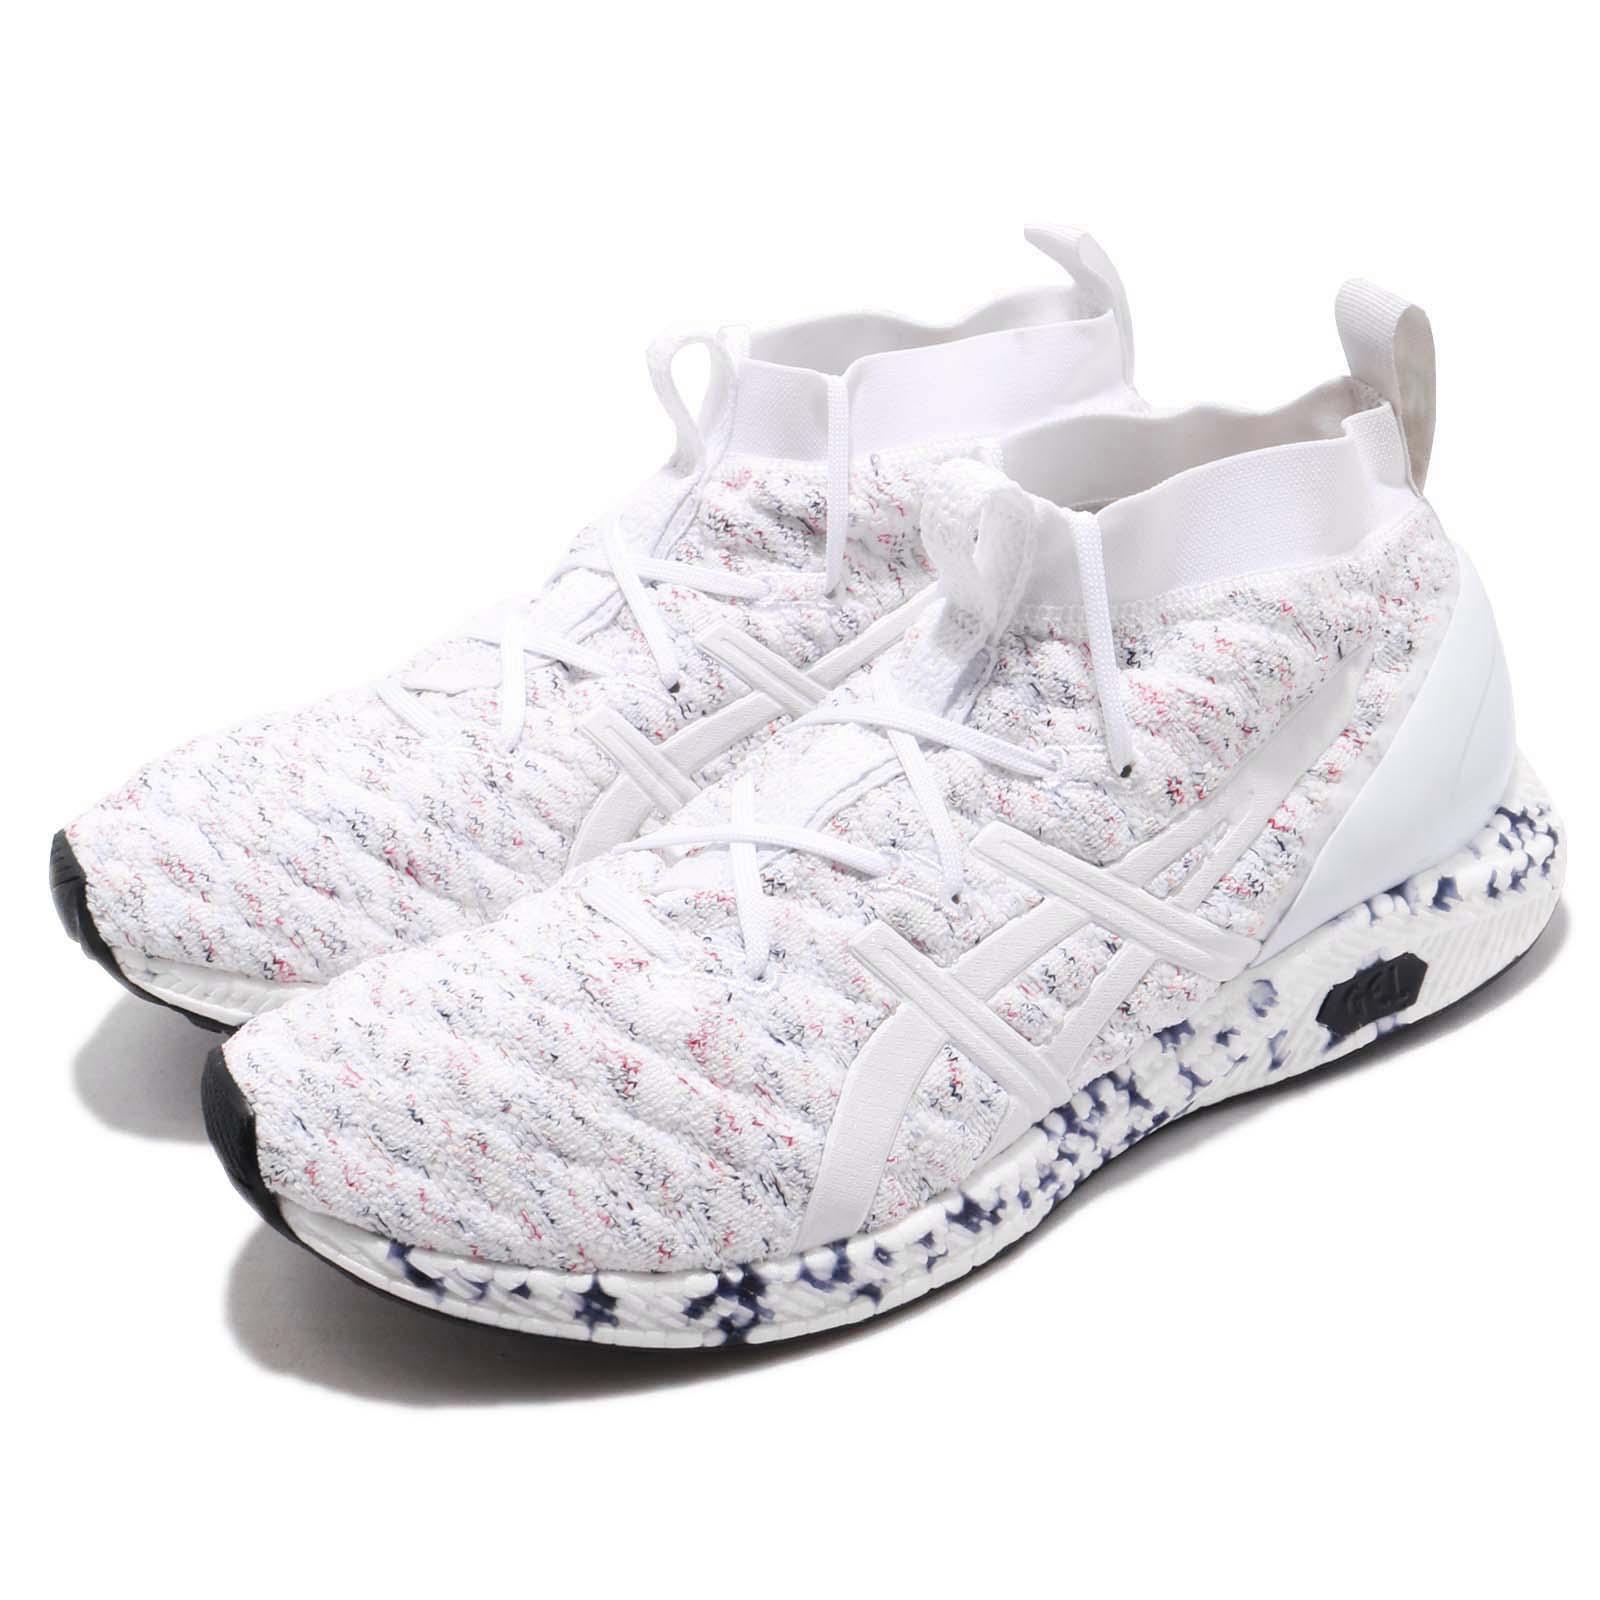 Asics Hyper  Gel-Kan White Peacoat Men Running shoes Sneakers 1021A032-100  sale